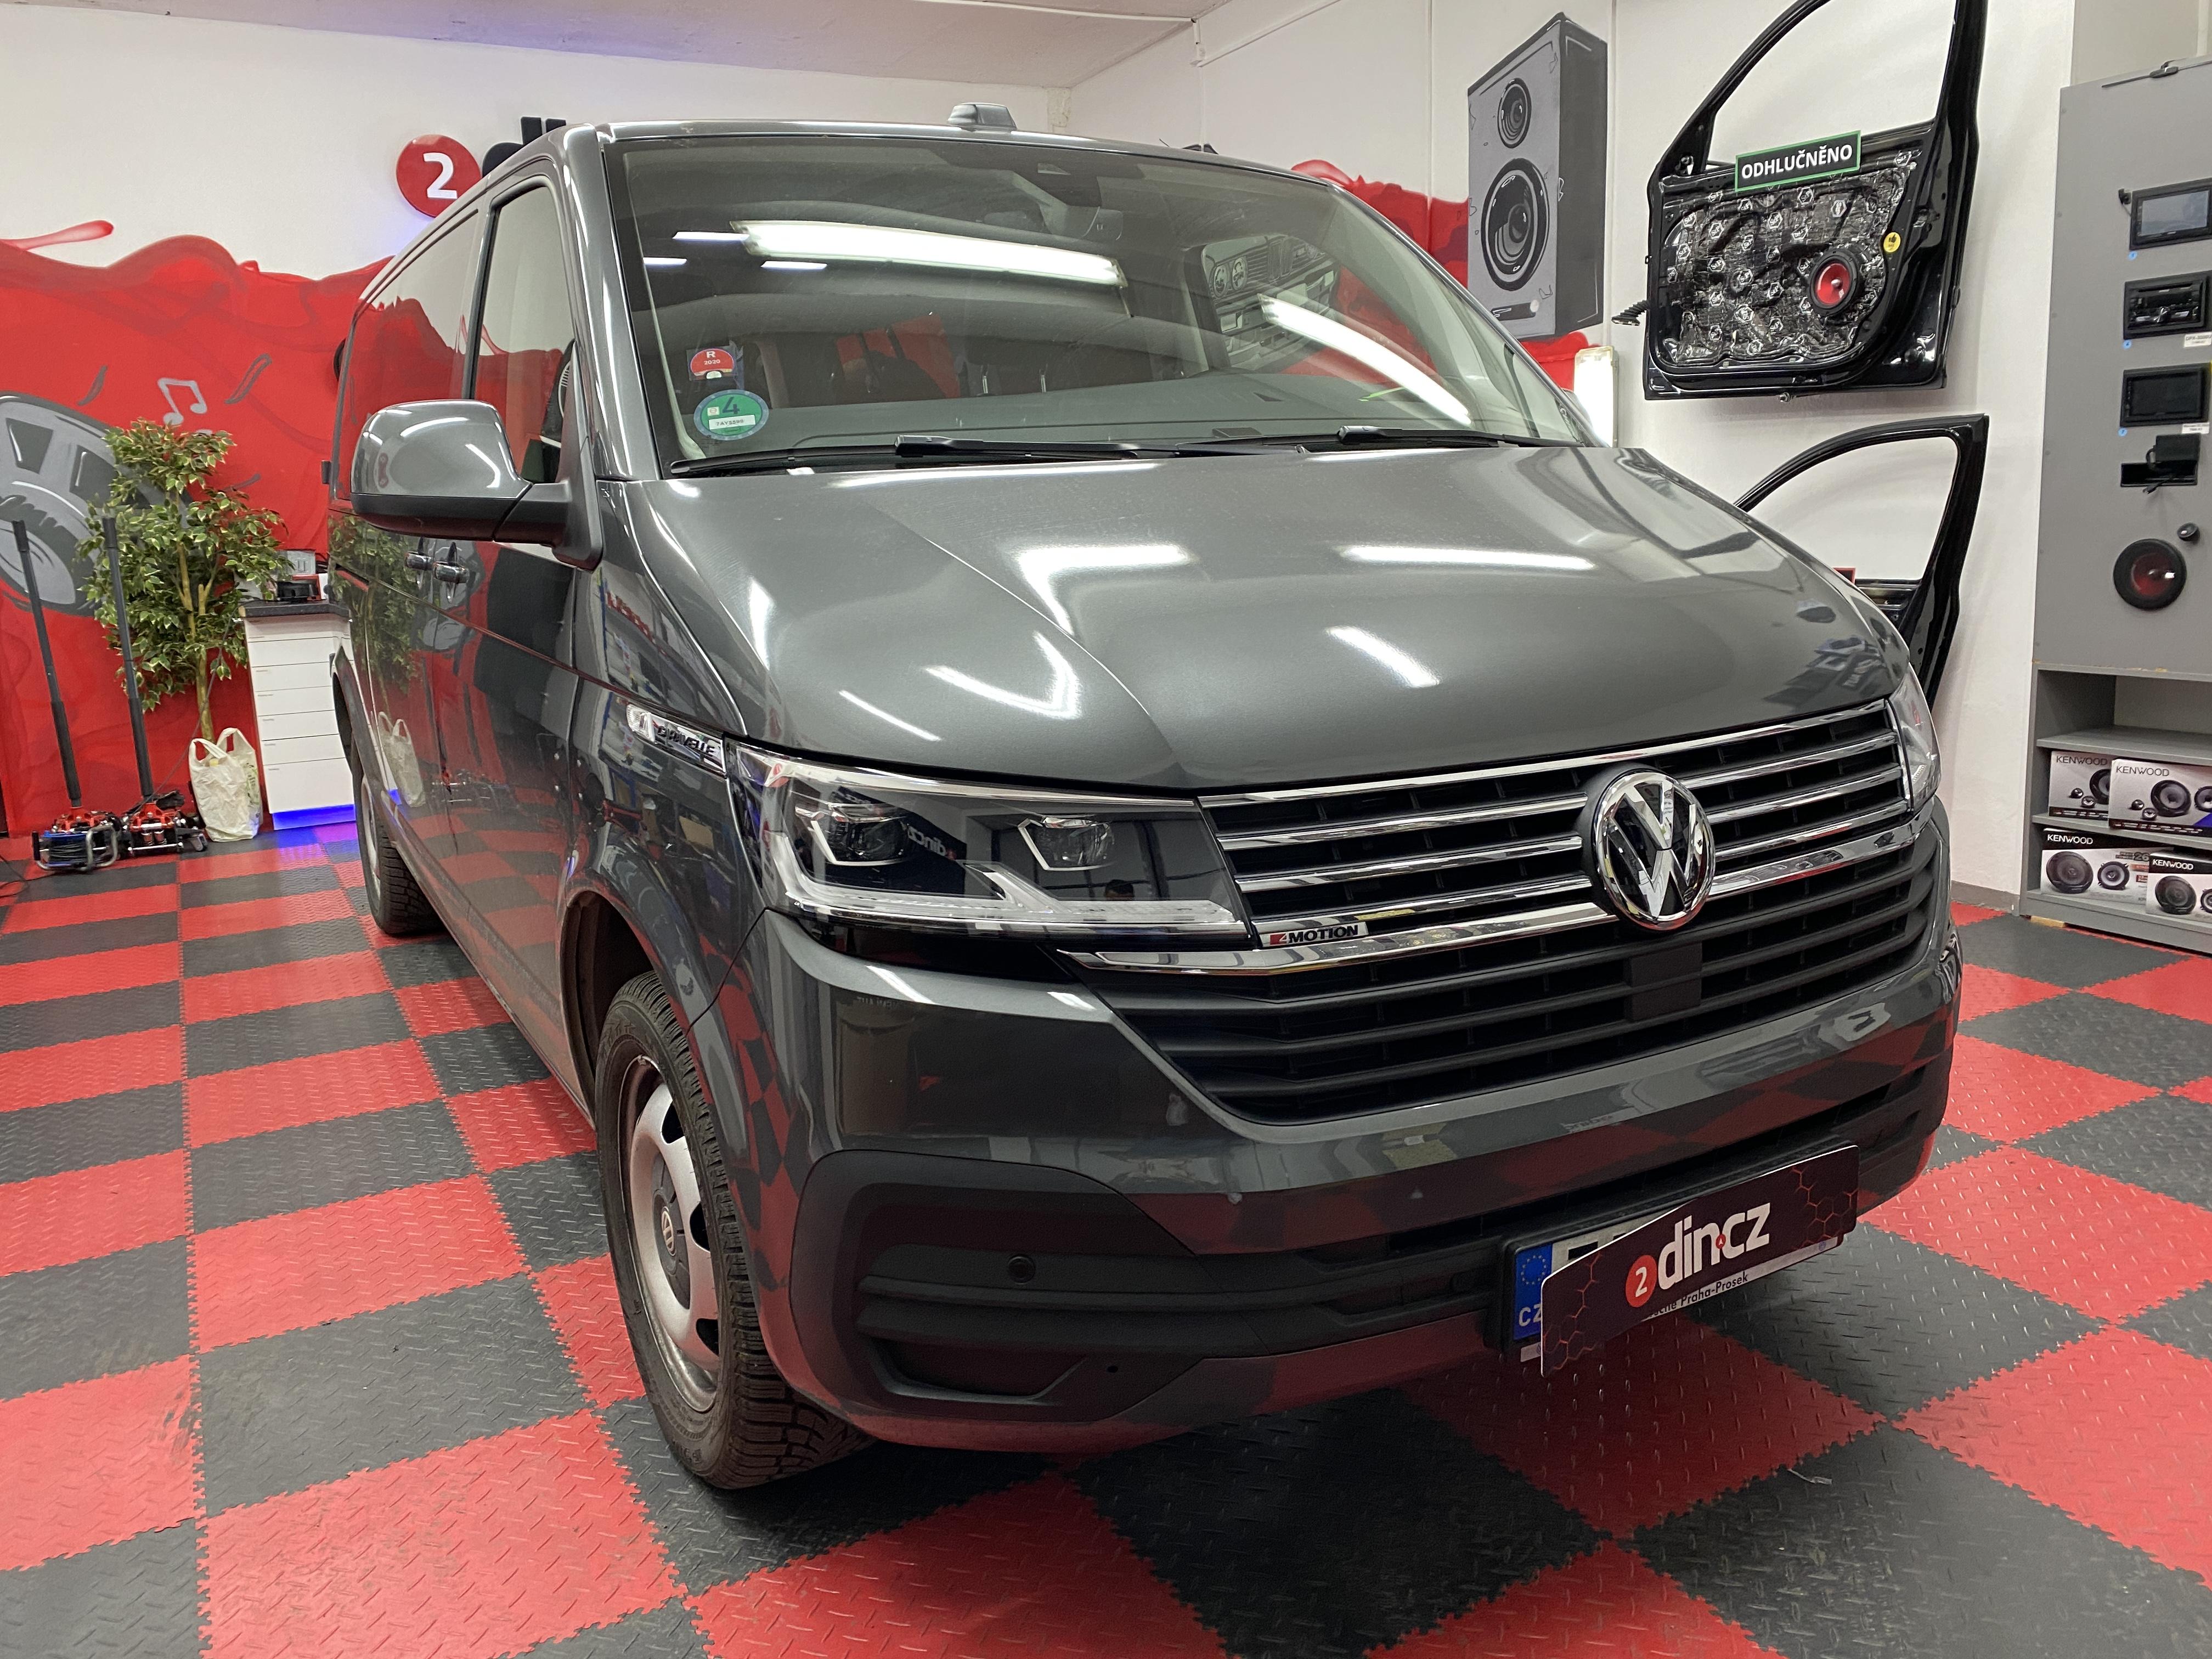 VW Caravelle 6.1 - Výměna reproduktorů a odhlučnění